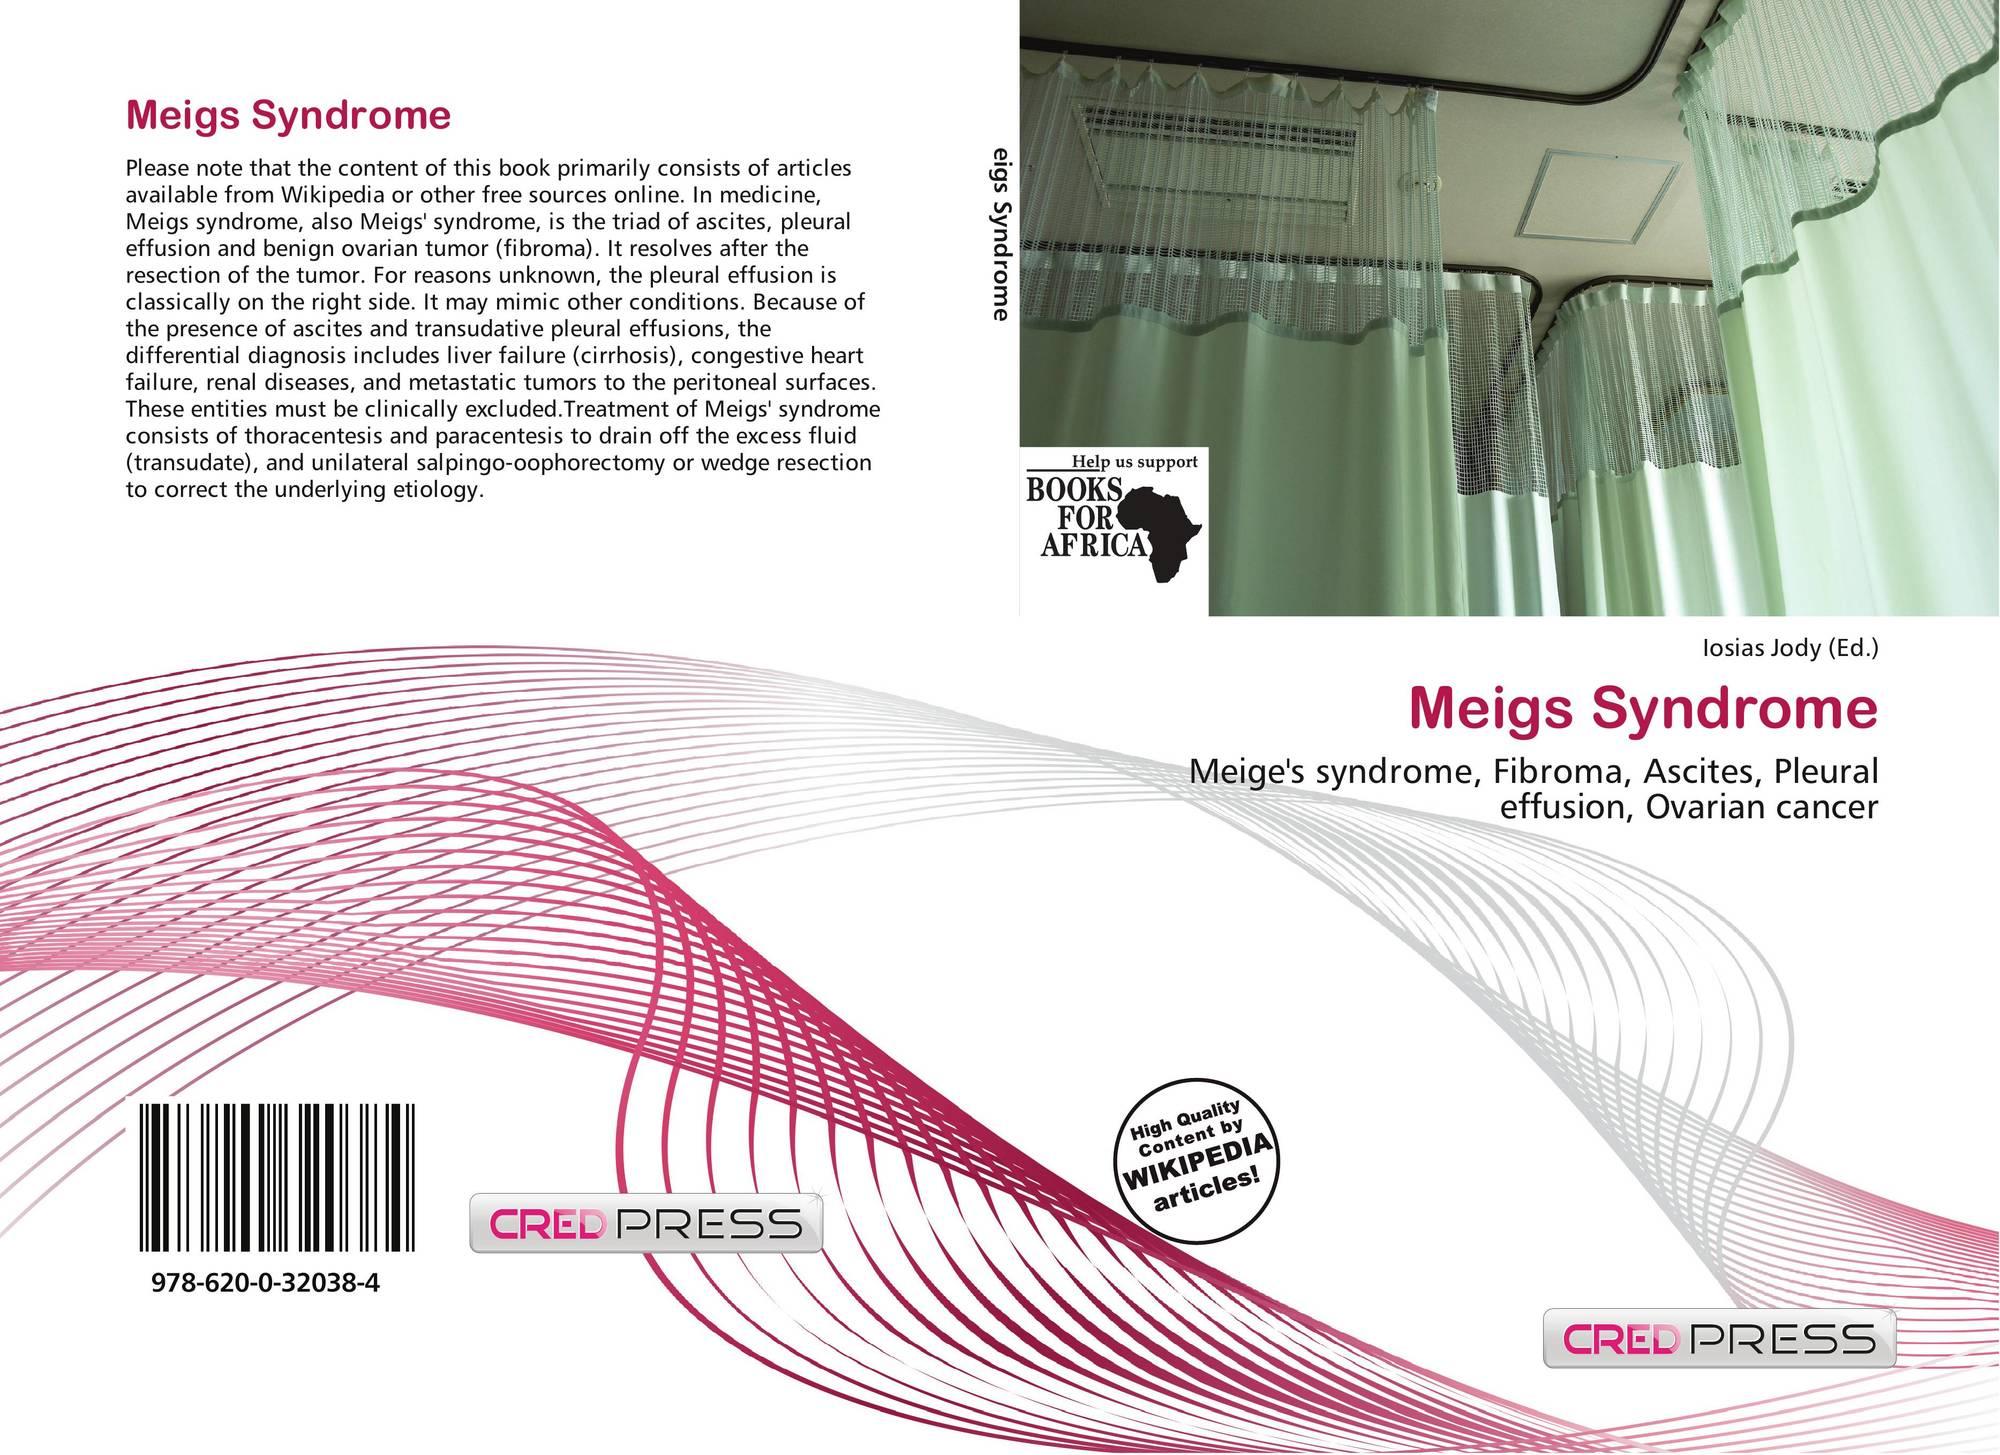 Meigs Syndrome 978 620 0 32038 4 6200320381 9786200320384